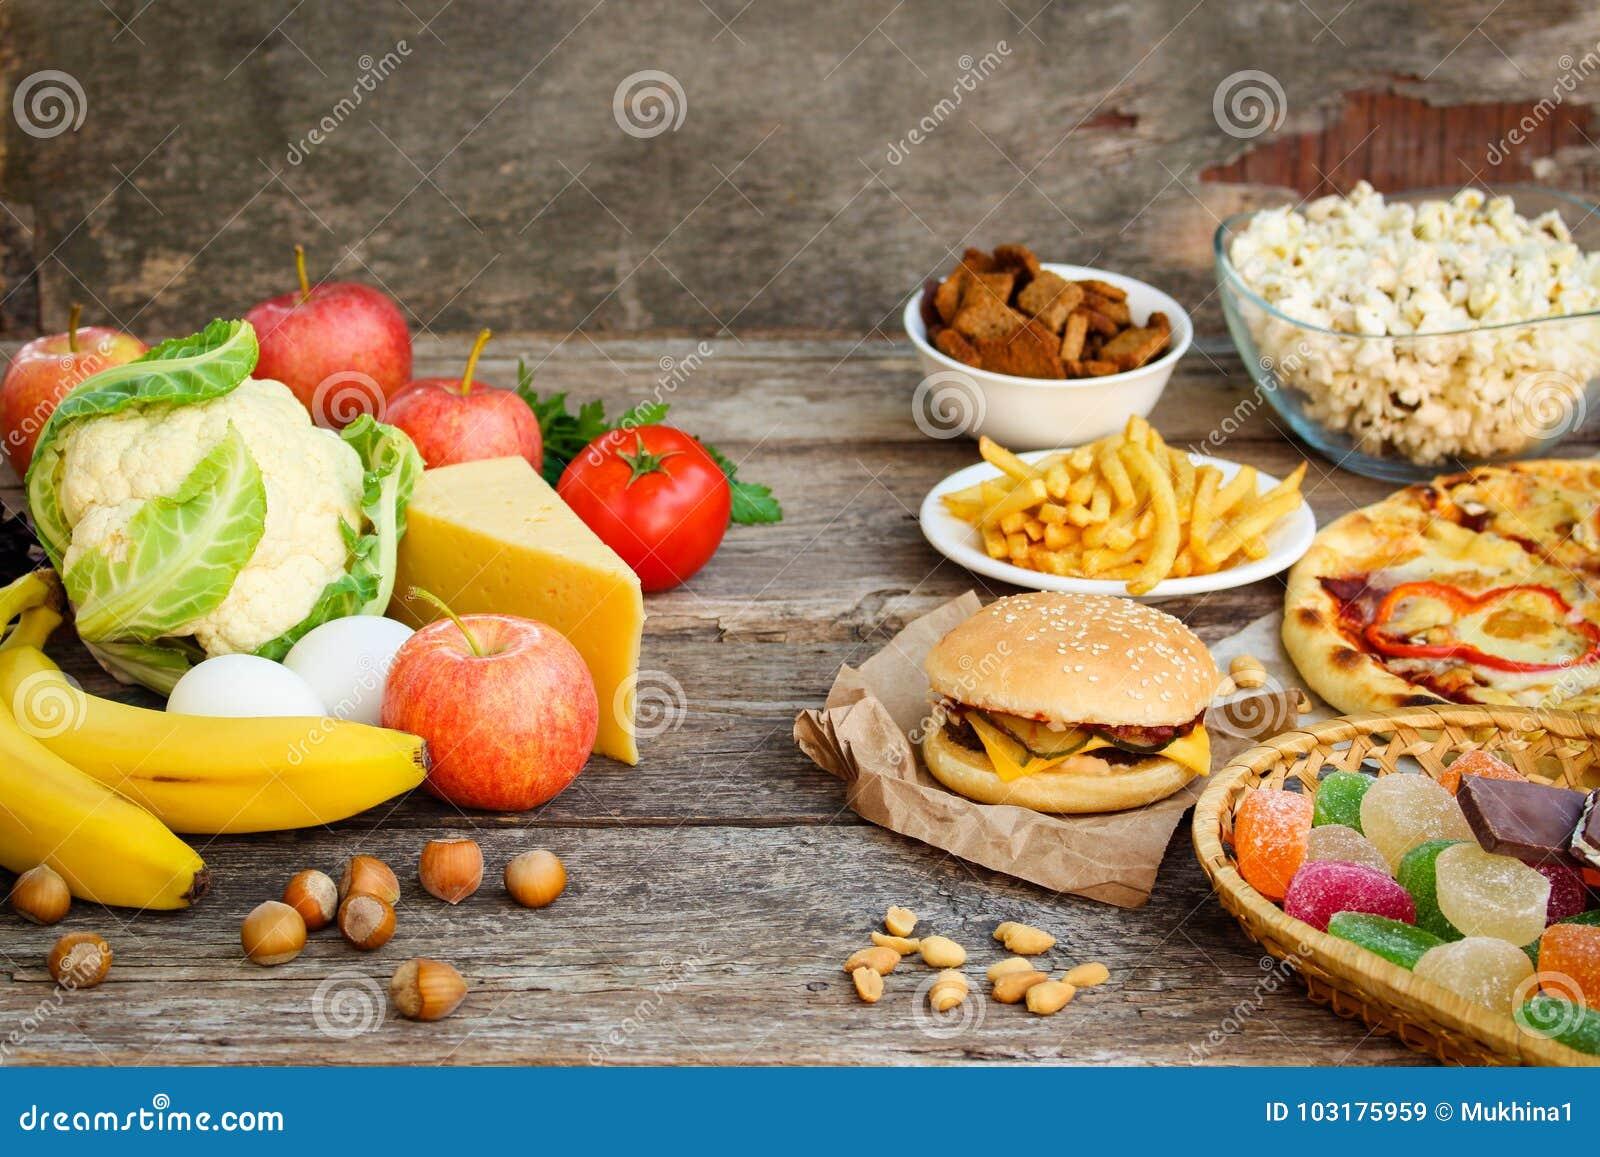 Γρήγορο γεύμα και υγιή τρόφιμα Έννοια που επιλέγει τη σωστή διατροφή ή της κατανάλωσης παλιοπραγμάτων